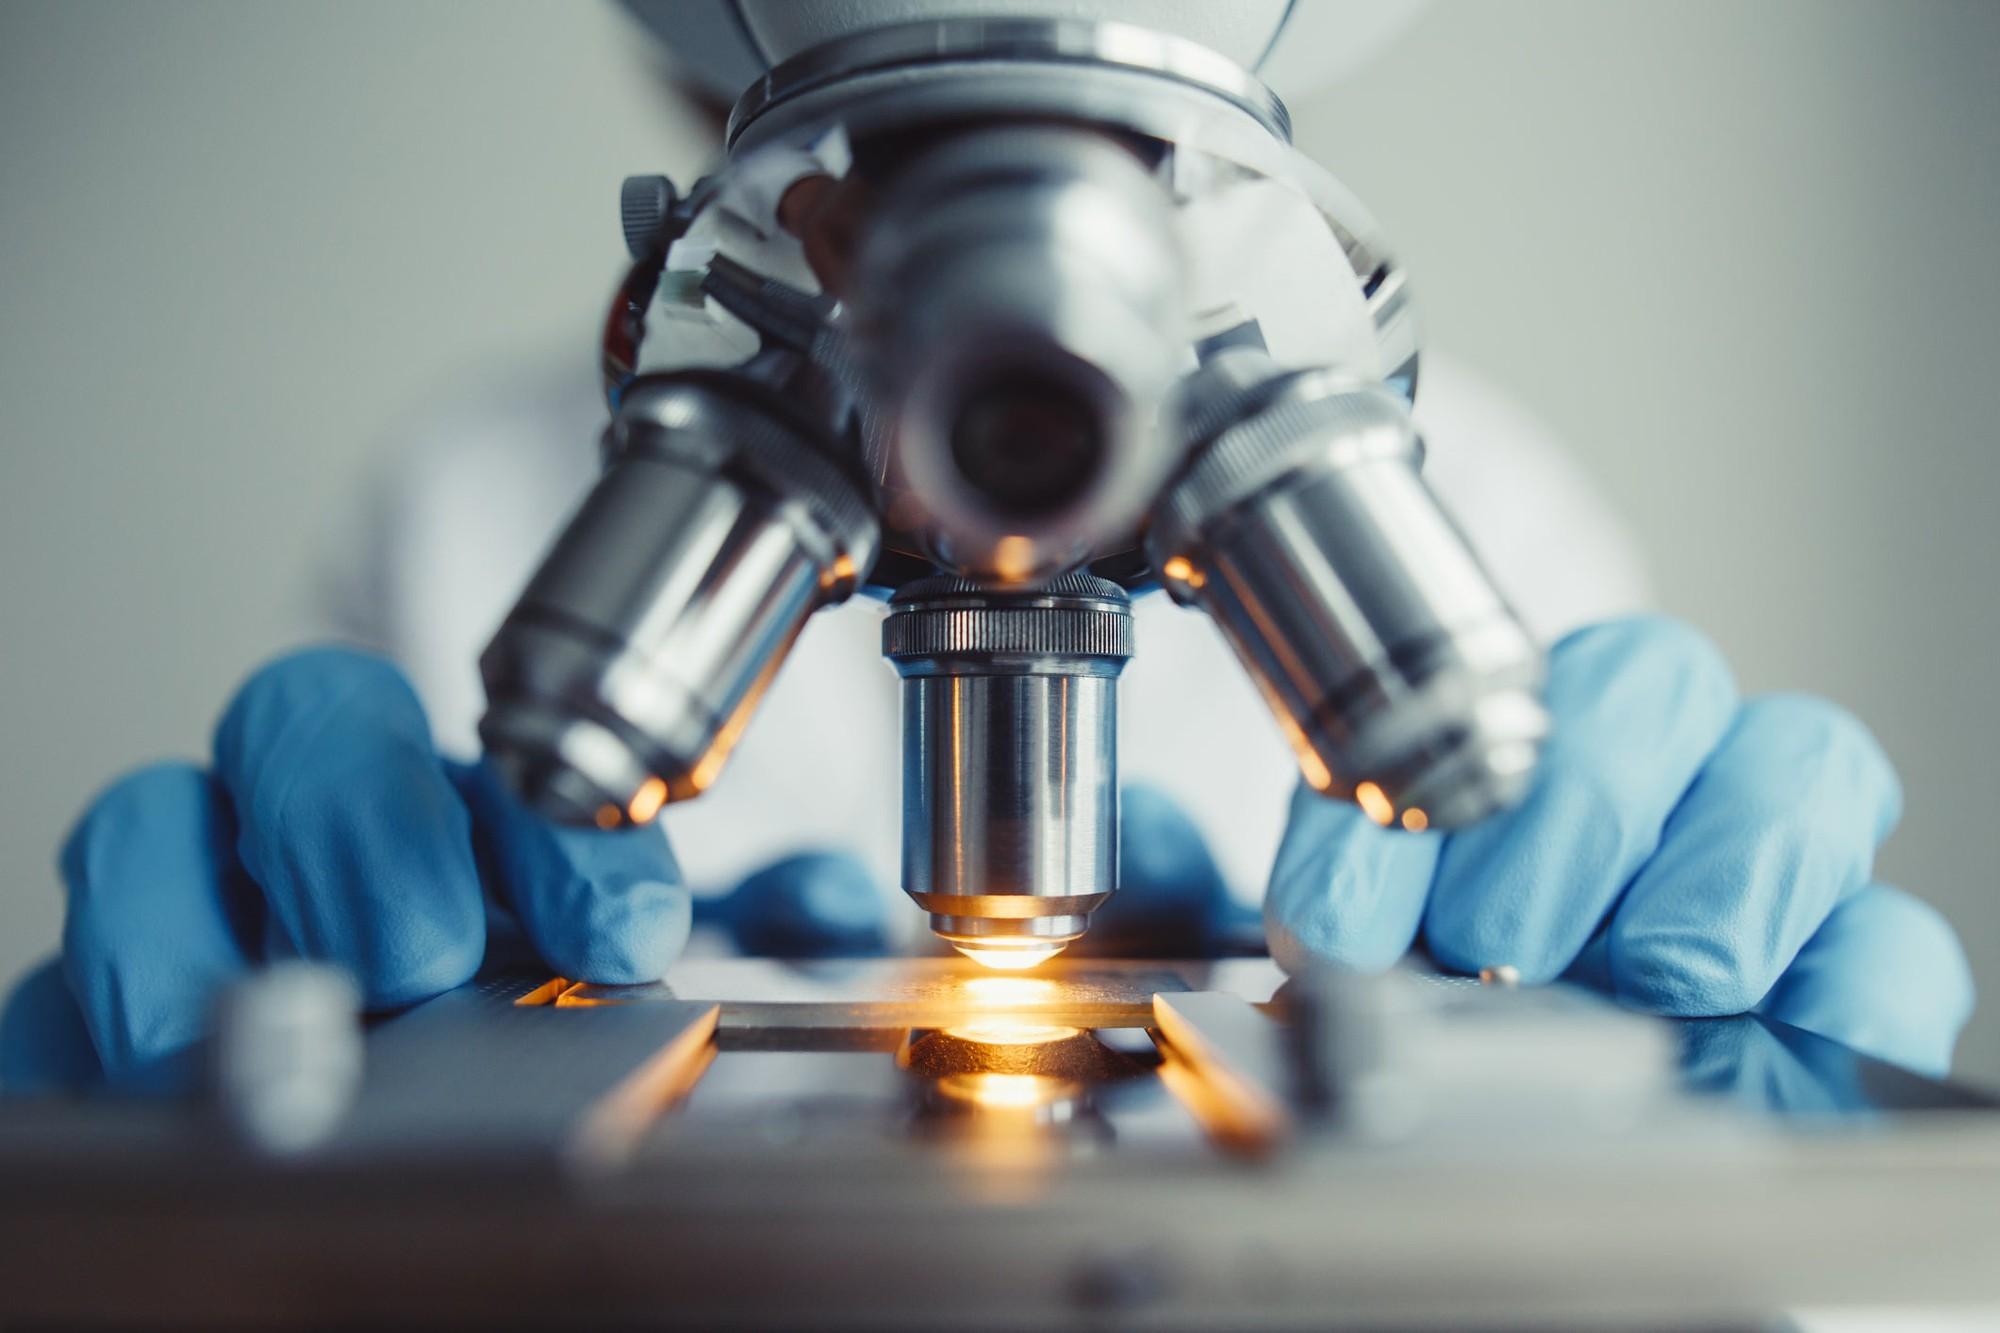 Why is Bionano Genomics (BNGO) Regaining Momentum Now?